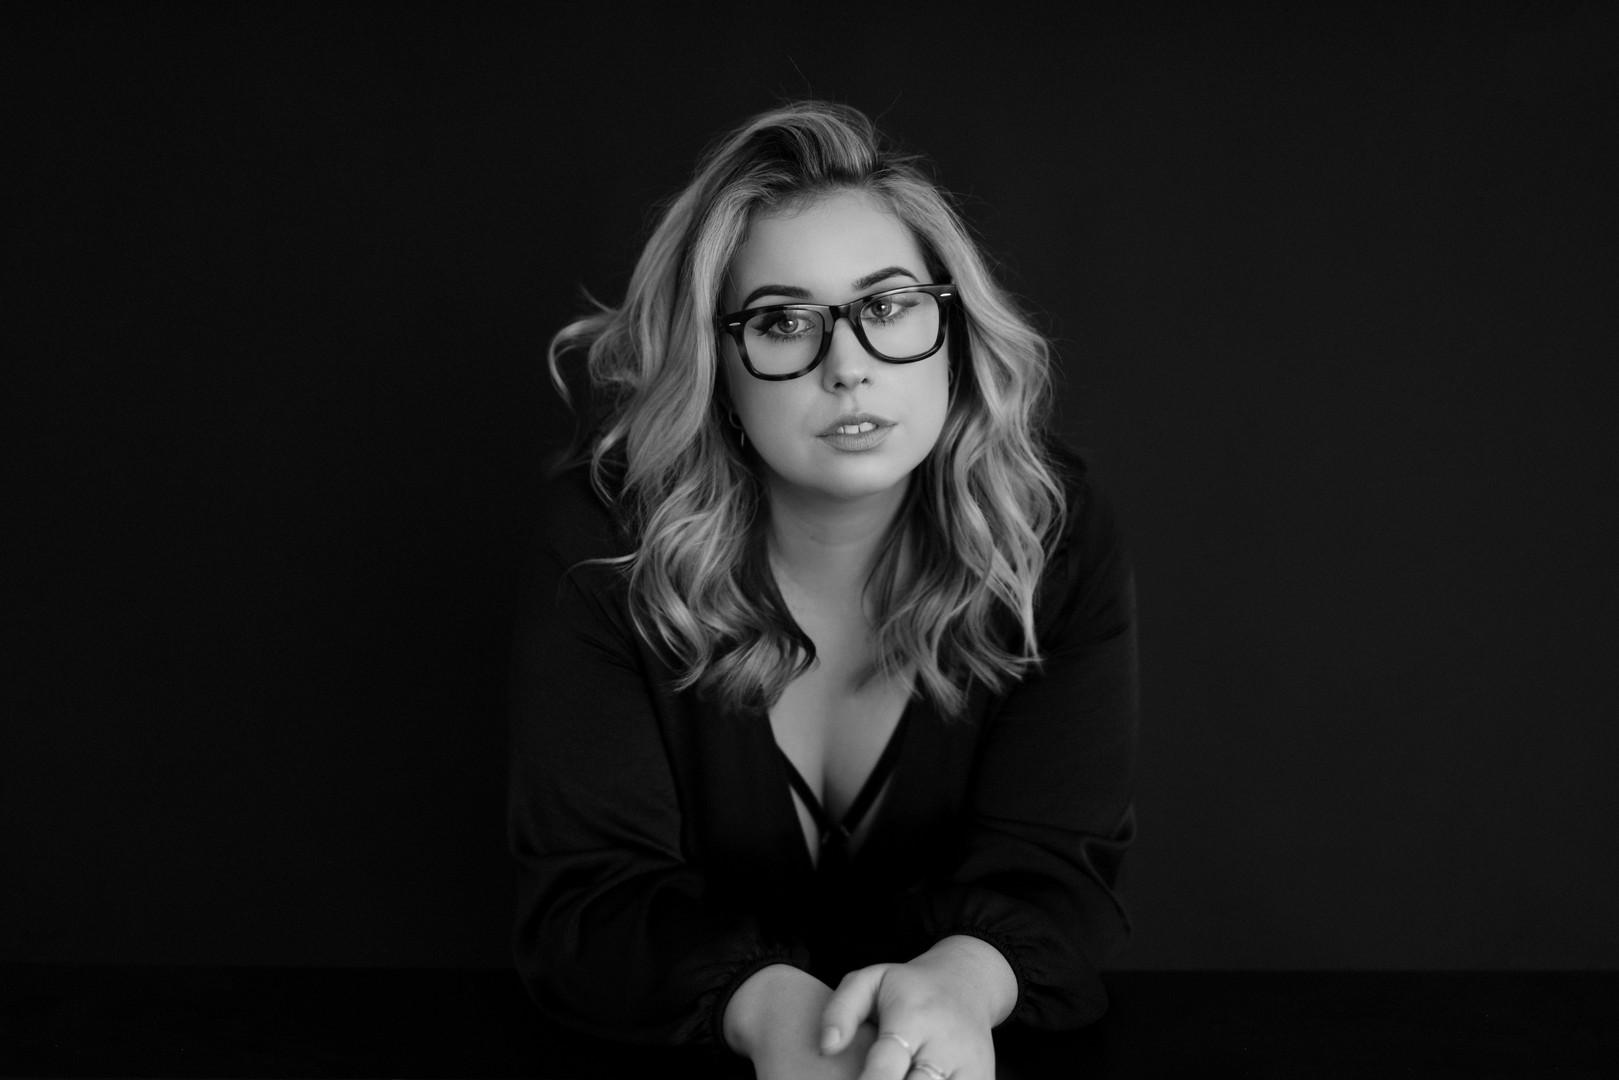 Hamilton Portrait Studio | Glamour Portraits